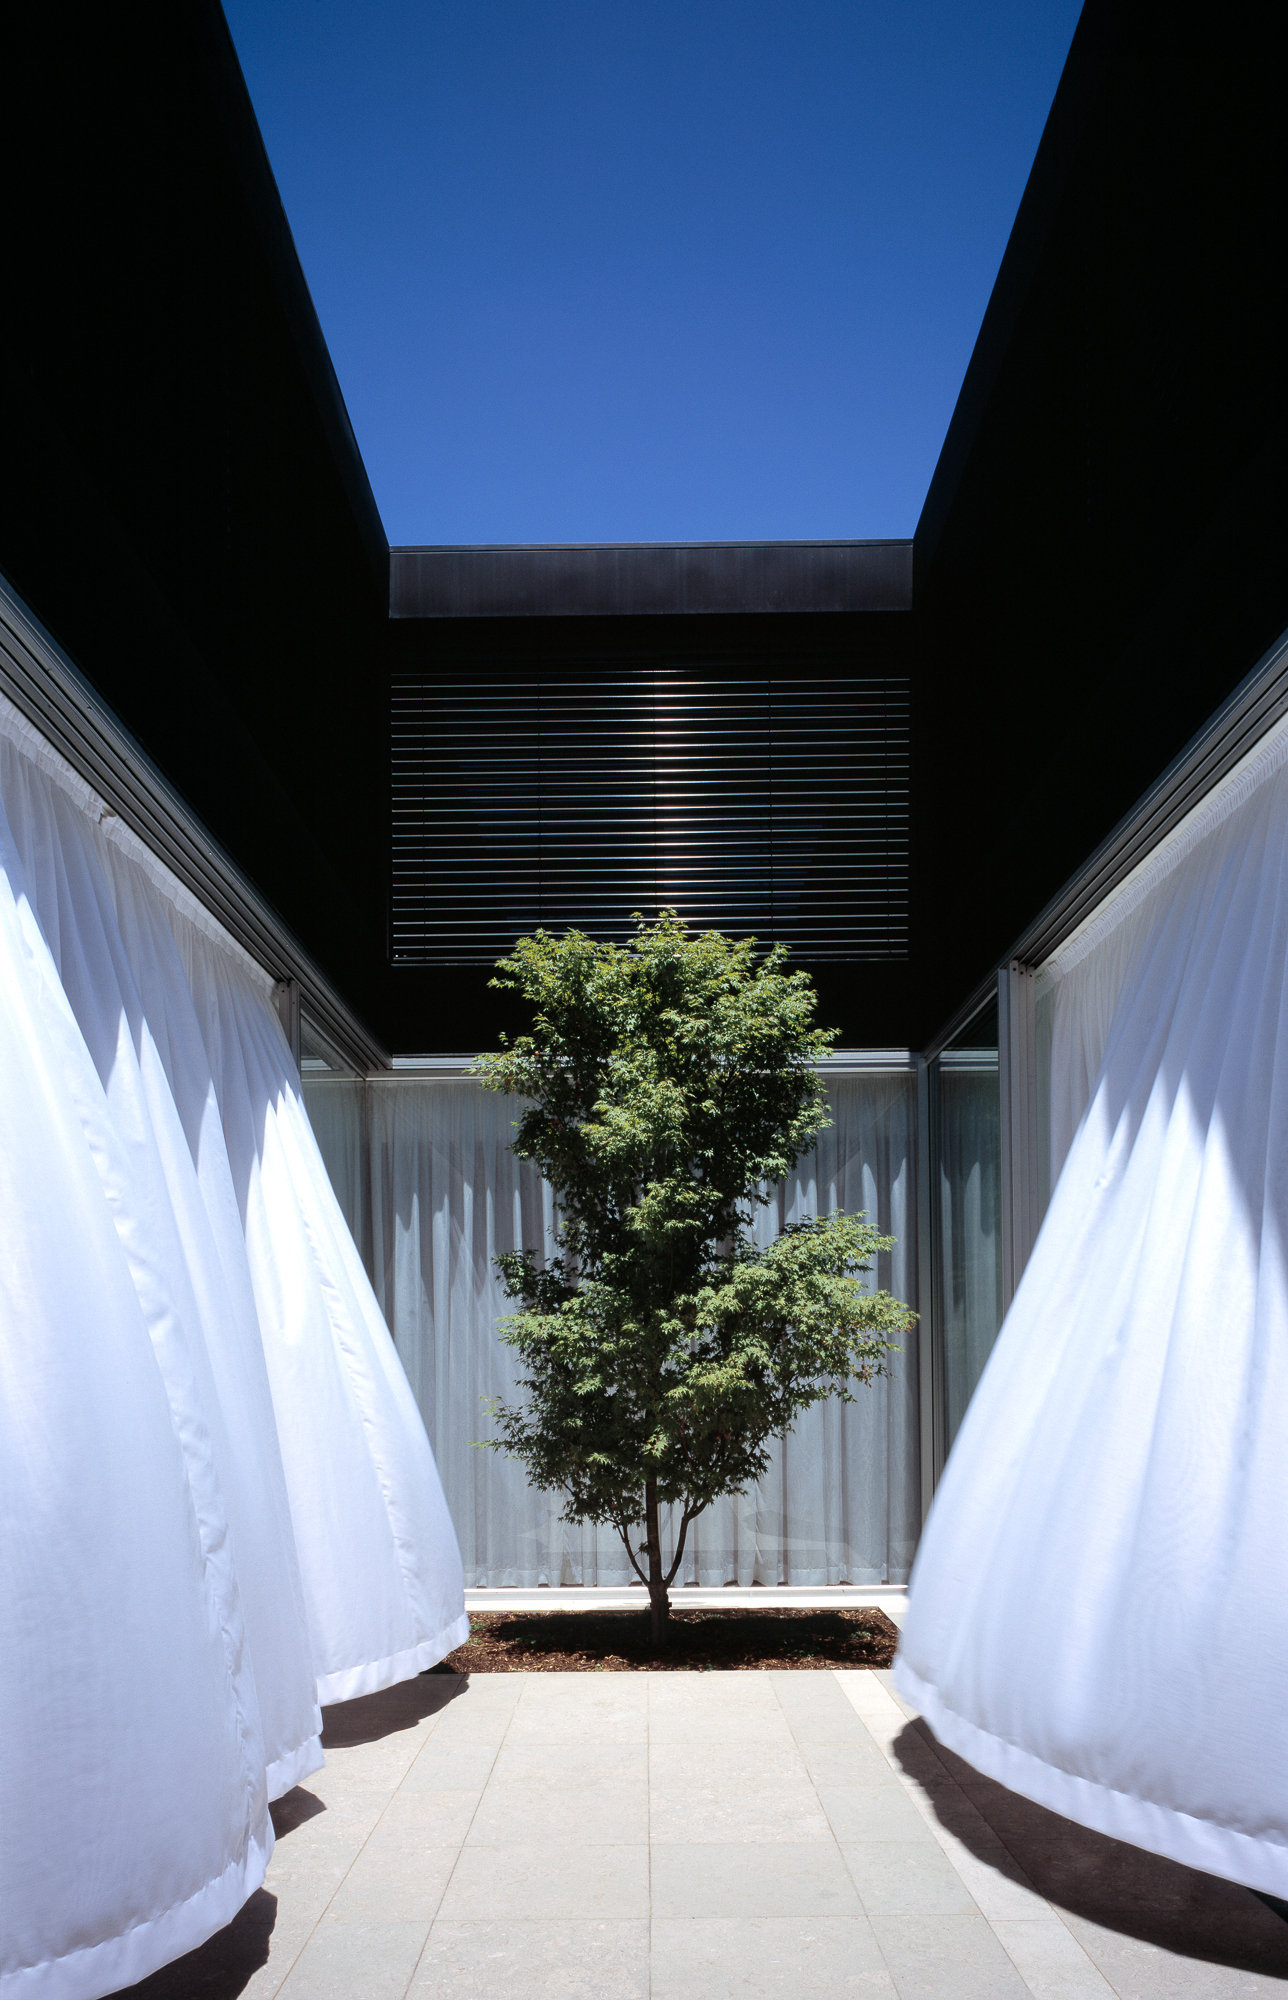 Szirtes House, Sydney